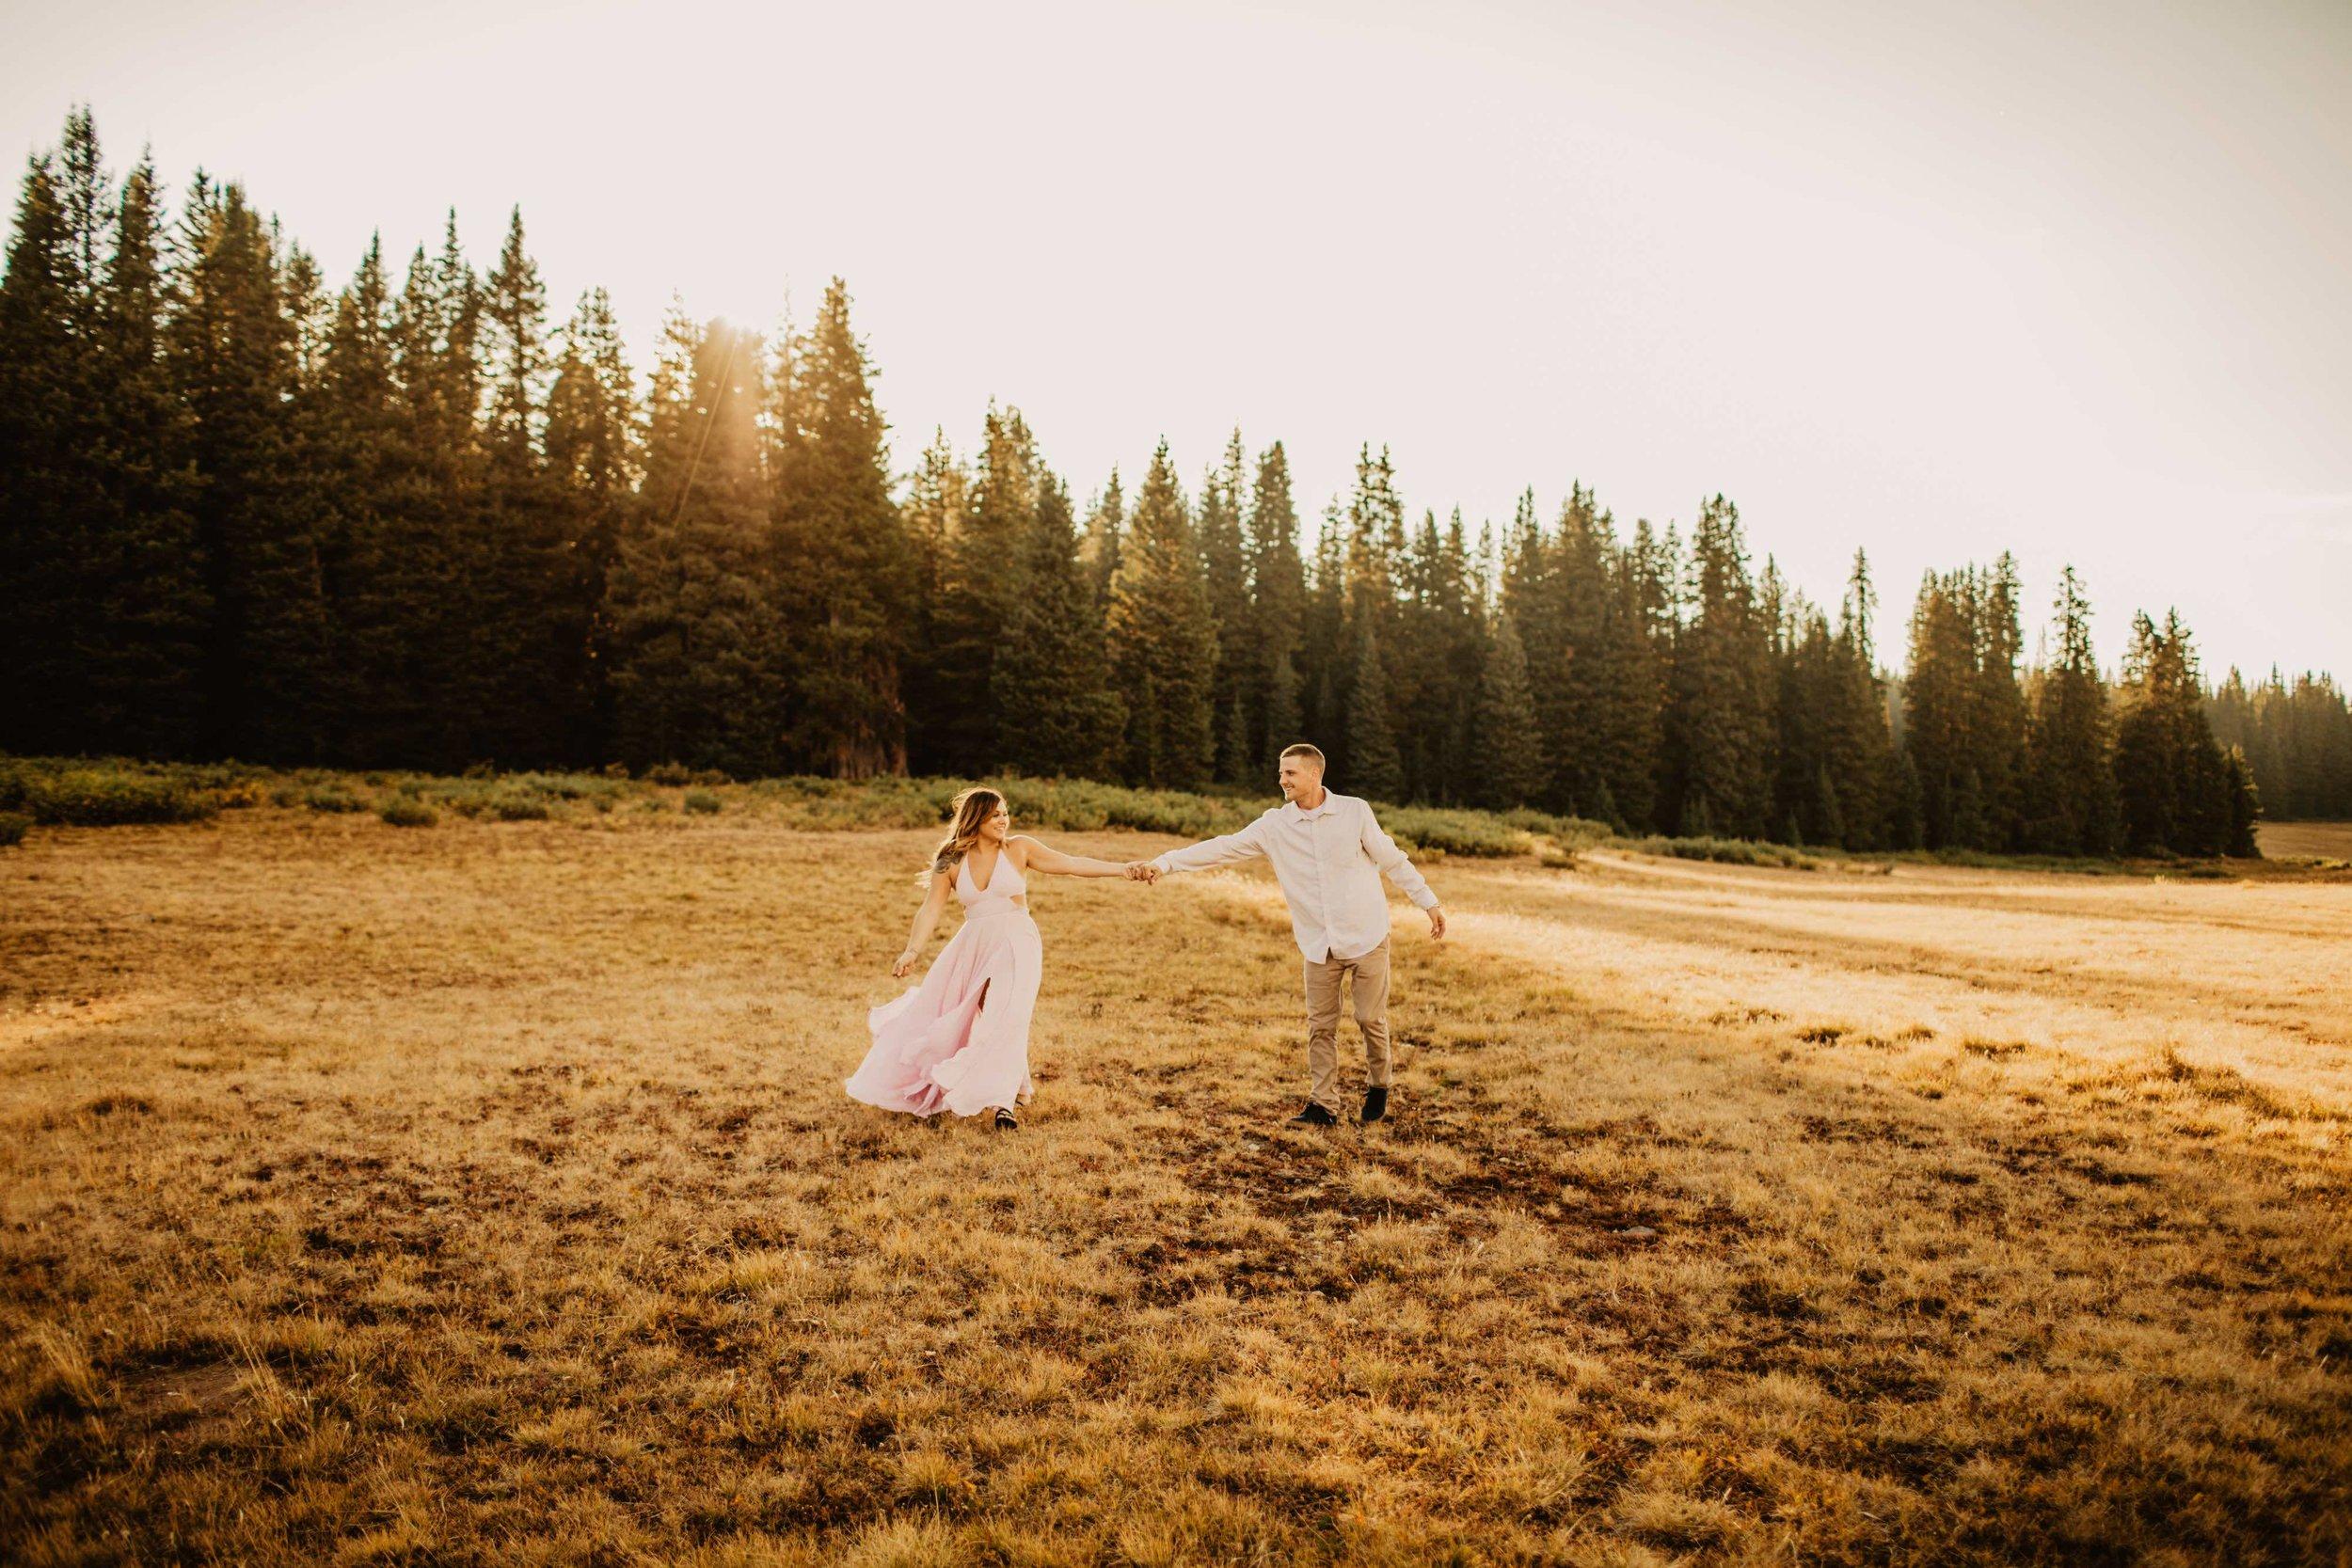 Kisa Conrad Favorites-0006-colorado-wedding-photographer-denver-springs-vail-colorado-wedding-photographer-denver-springs-vail.jpeg